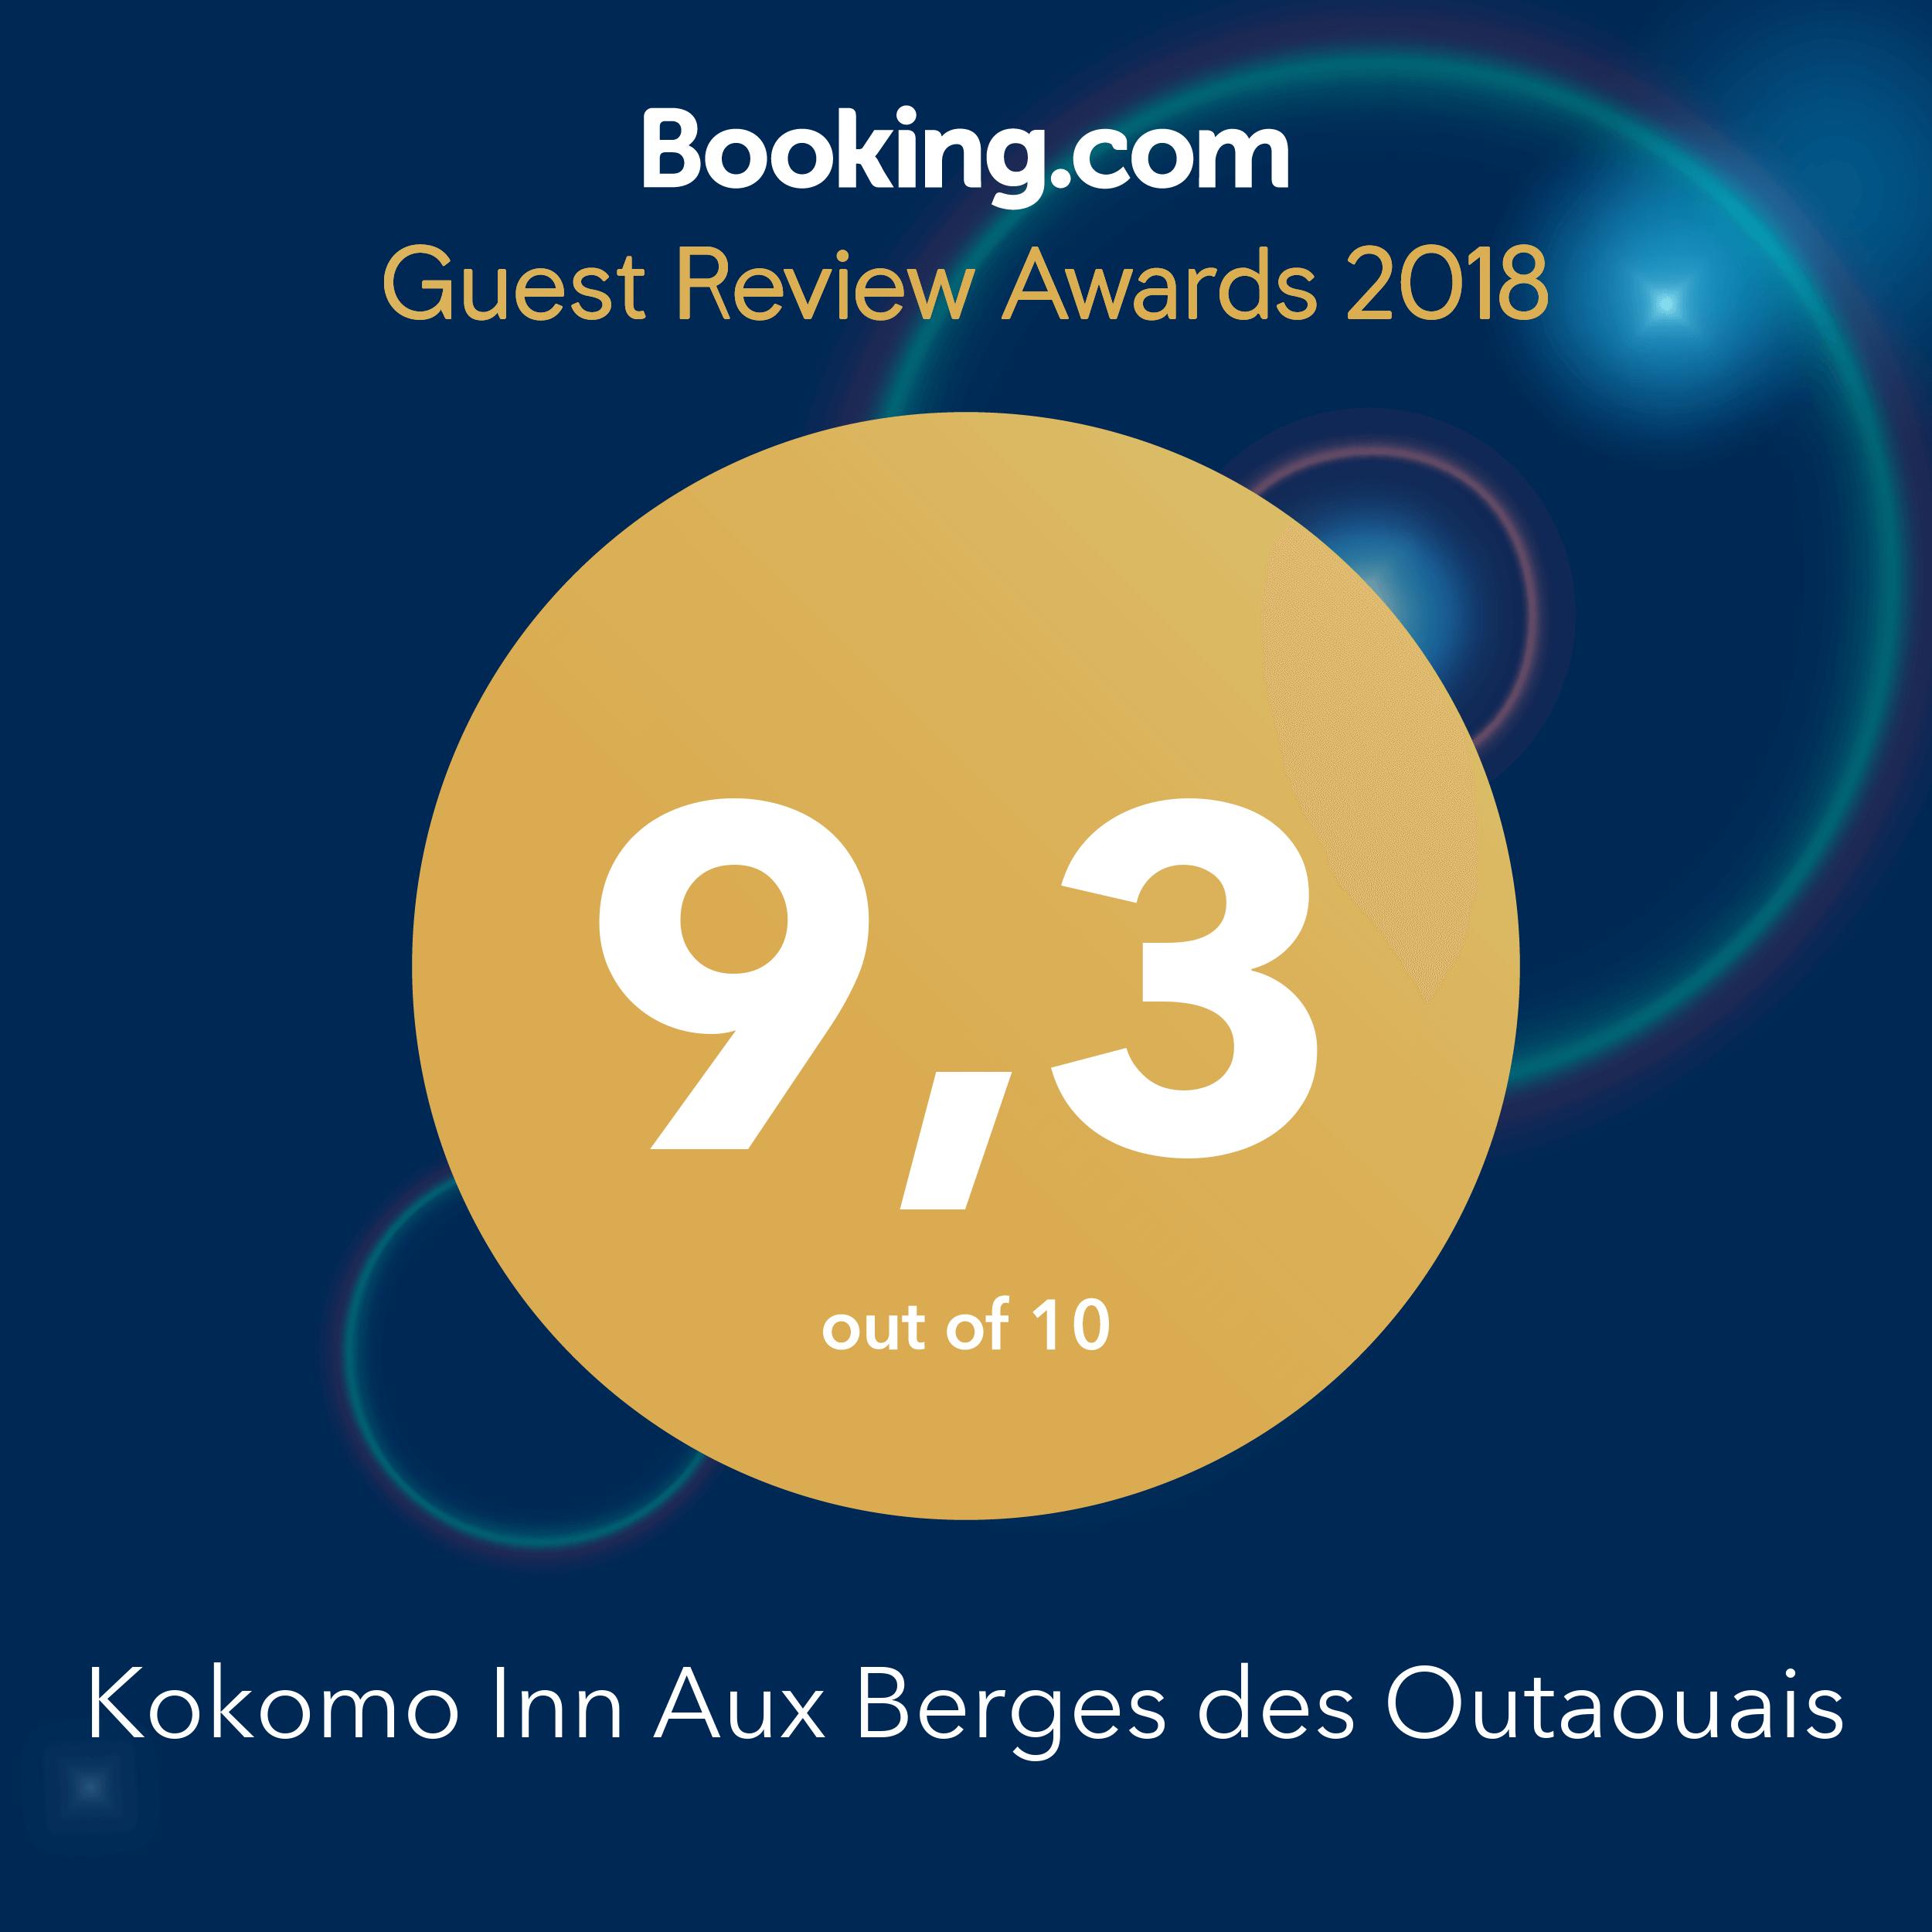 Kokomo Rooms - Kokomo Inn aux Berges des Outaouais